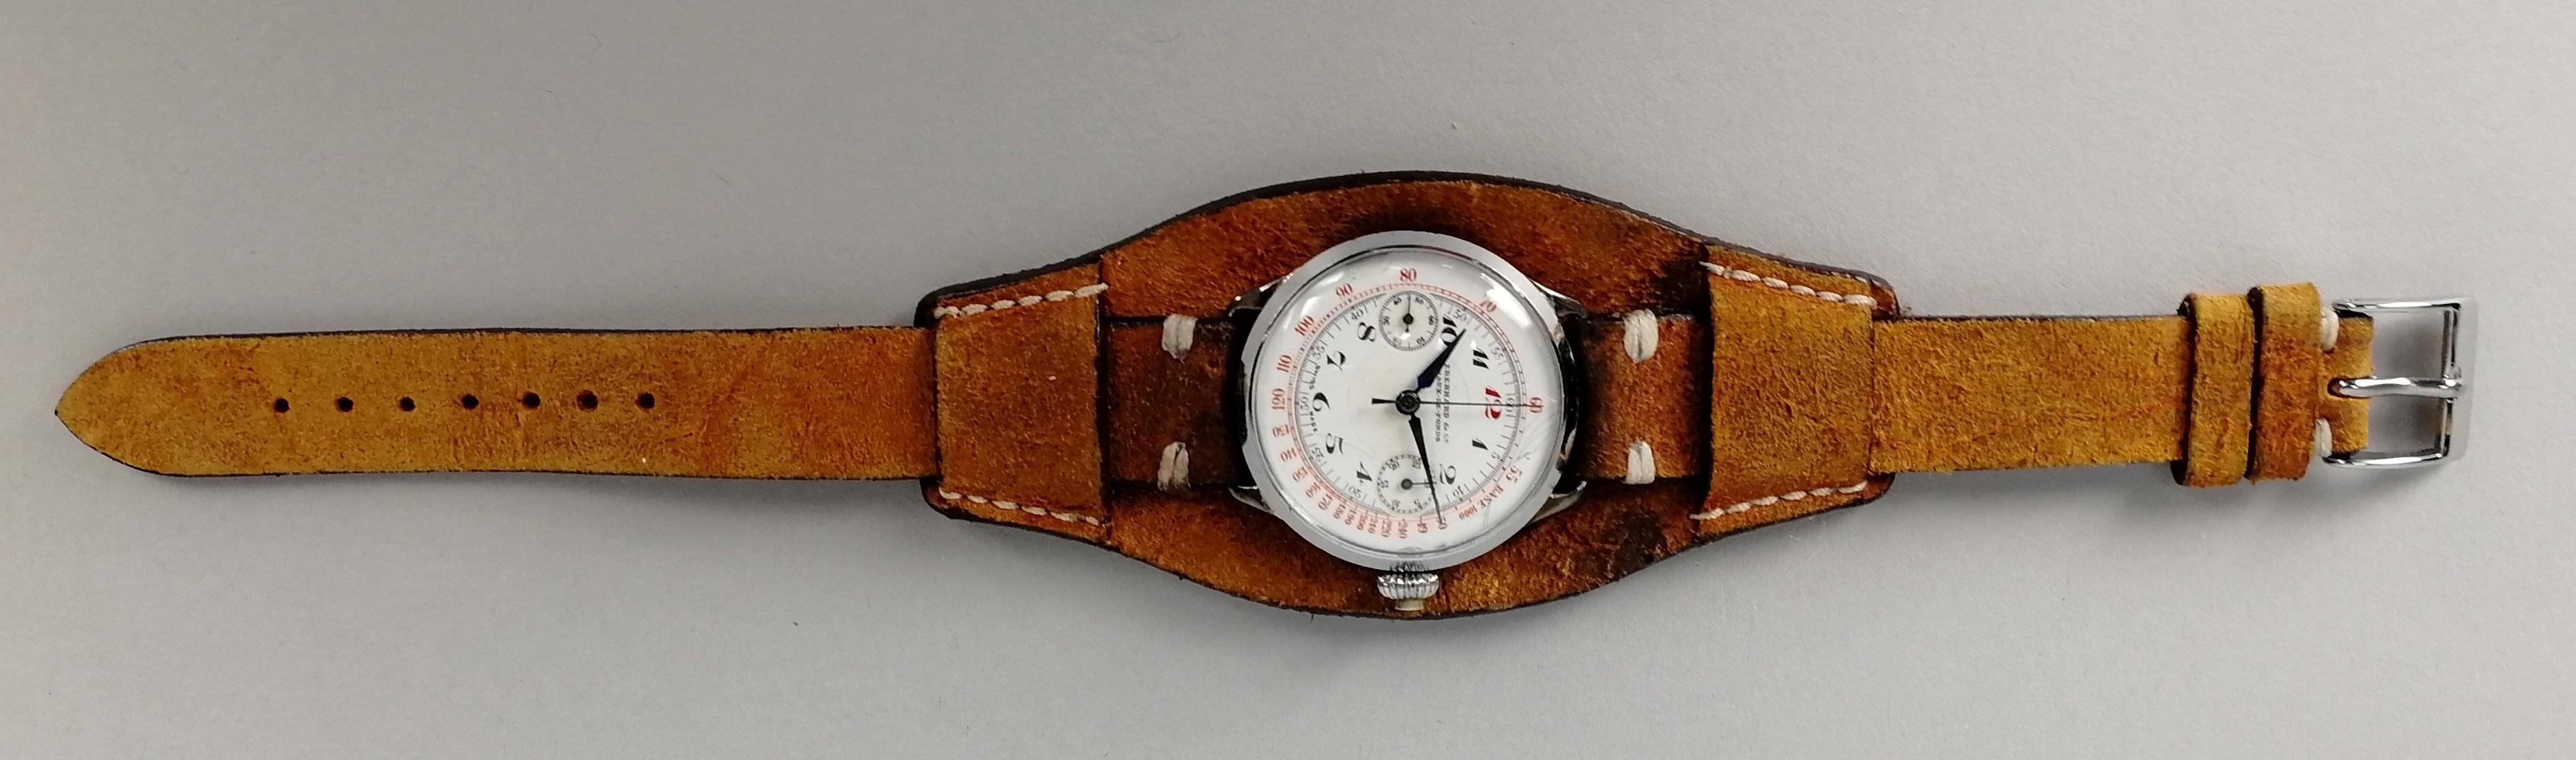 Lot 23 - EBERHARD. Orologio in argento 800, modello cronografo monopulsante. Quadrante in ceramica a due